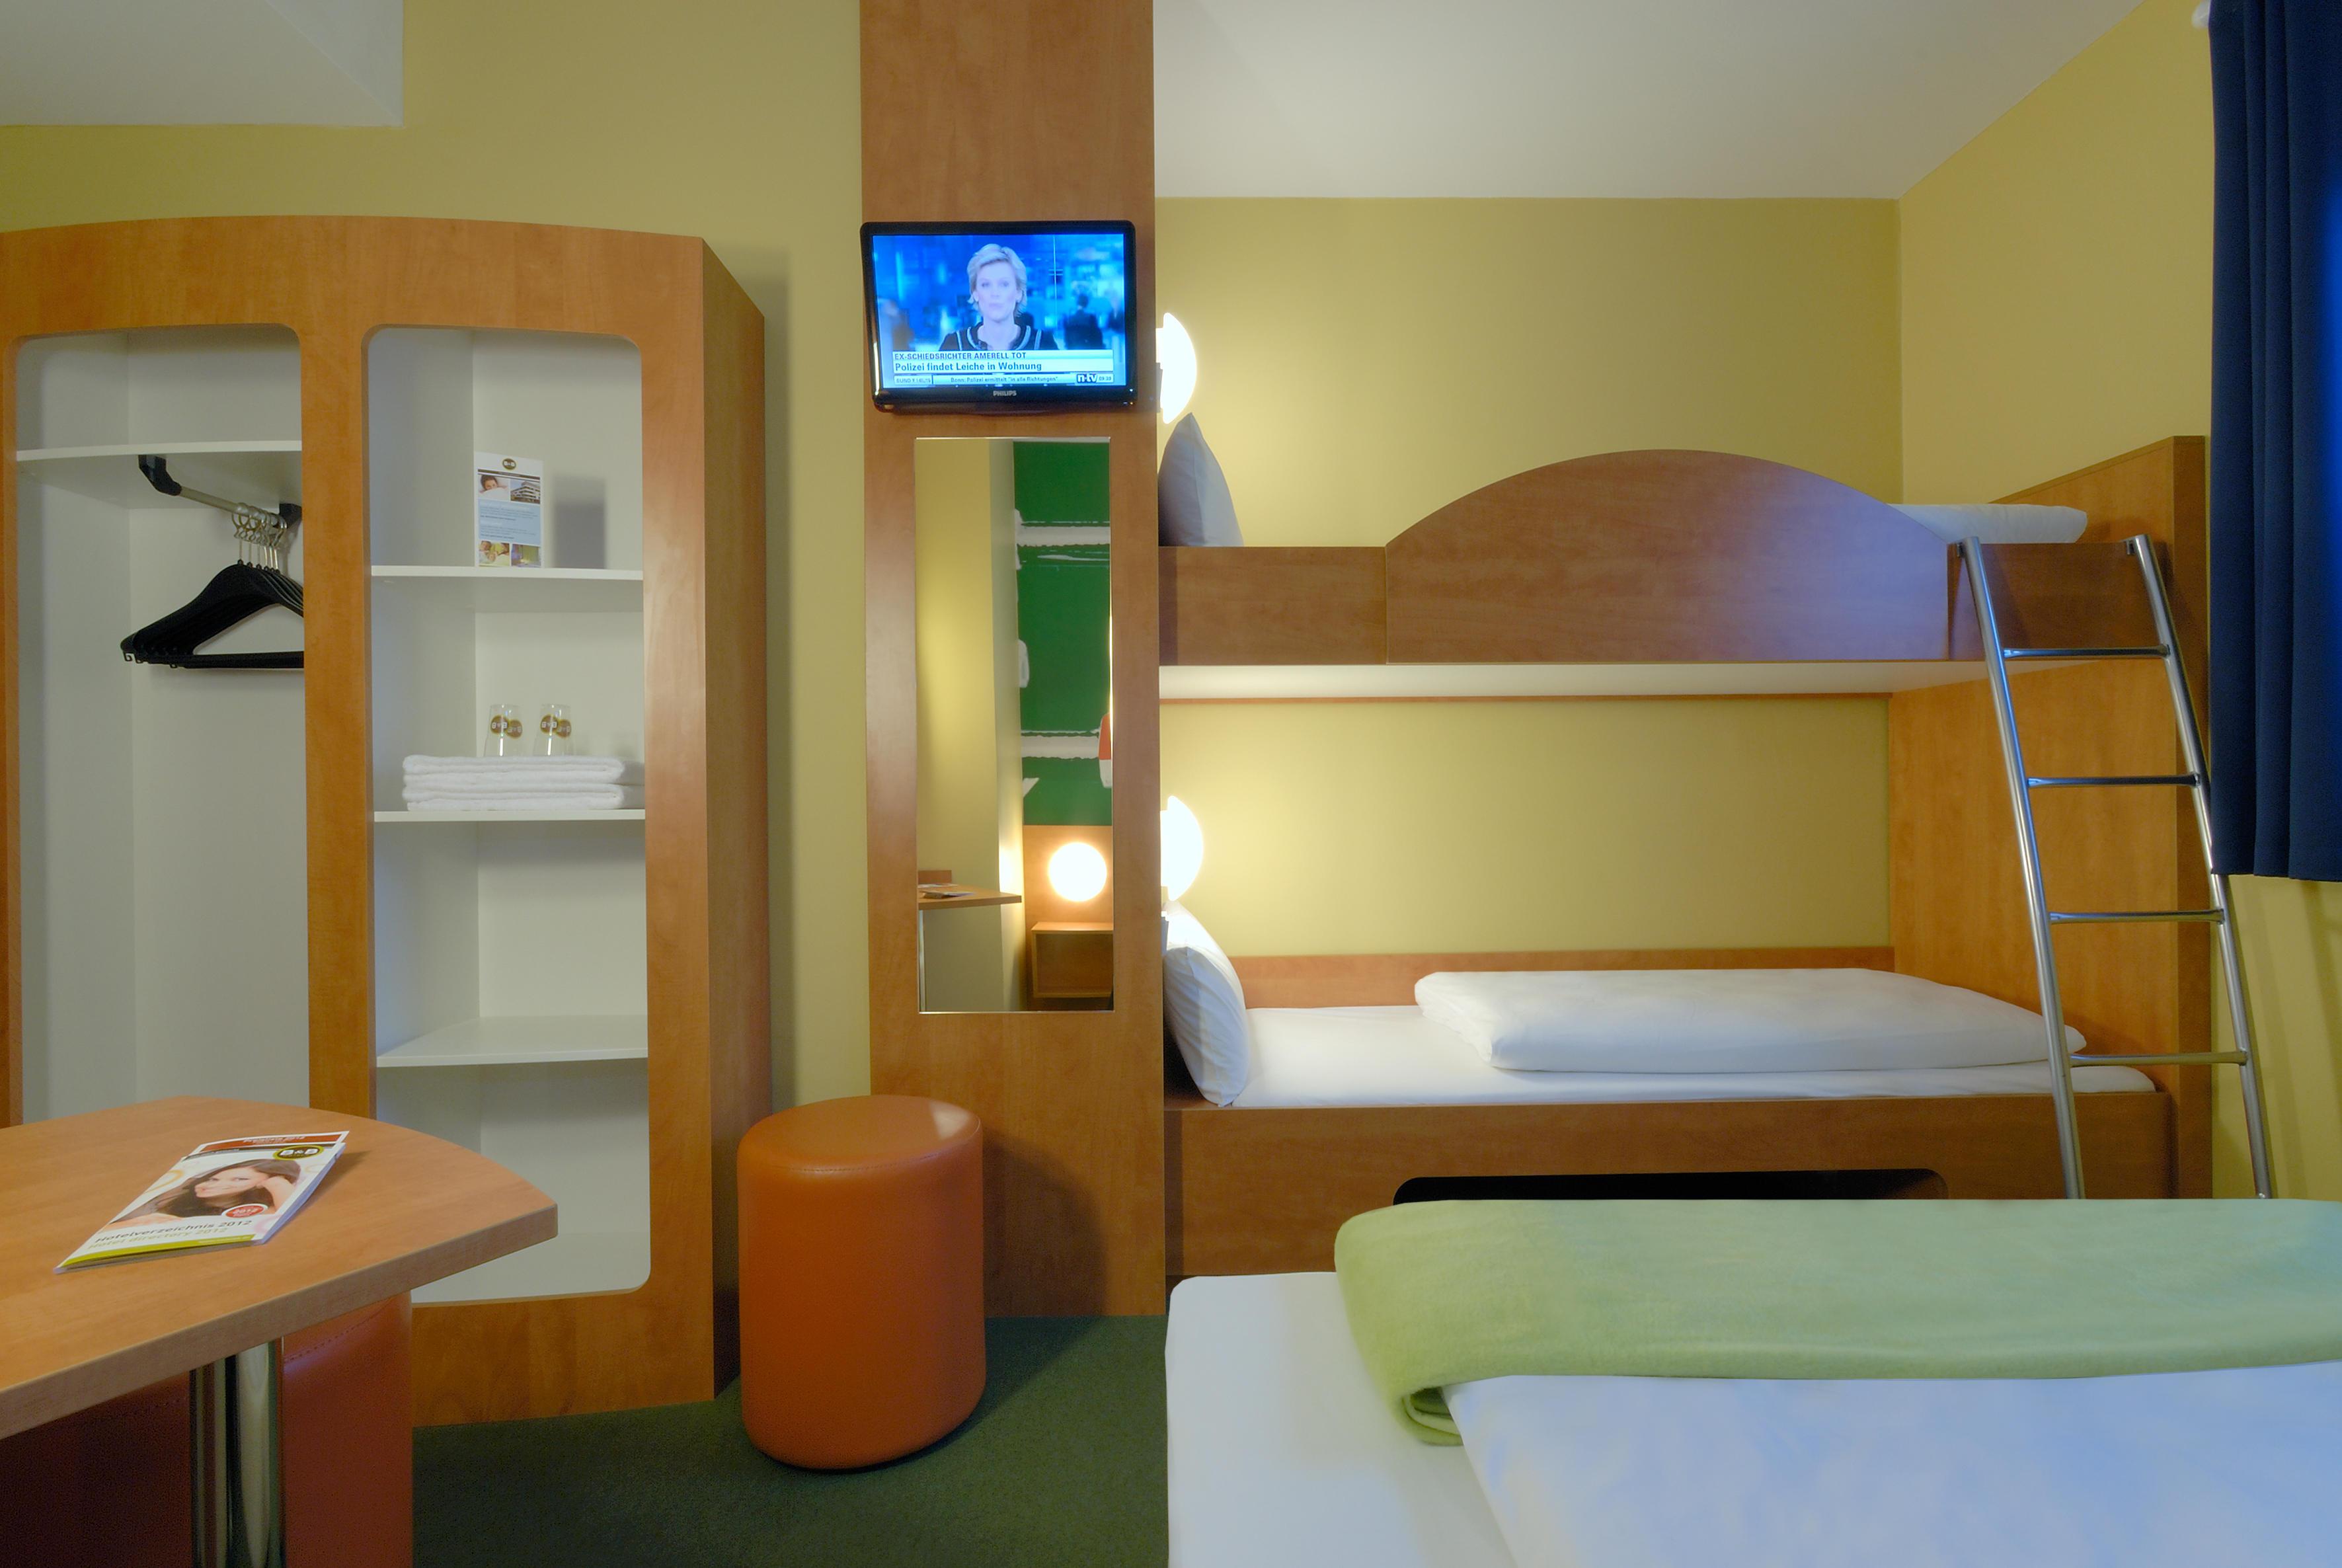 b und b hotel mönchengladbach